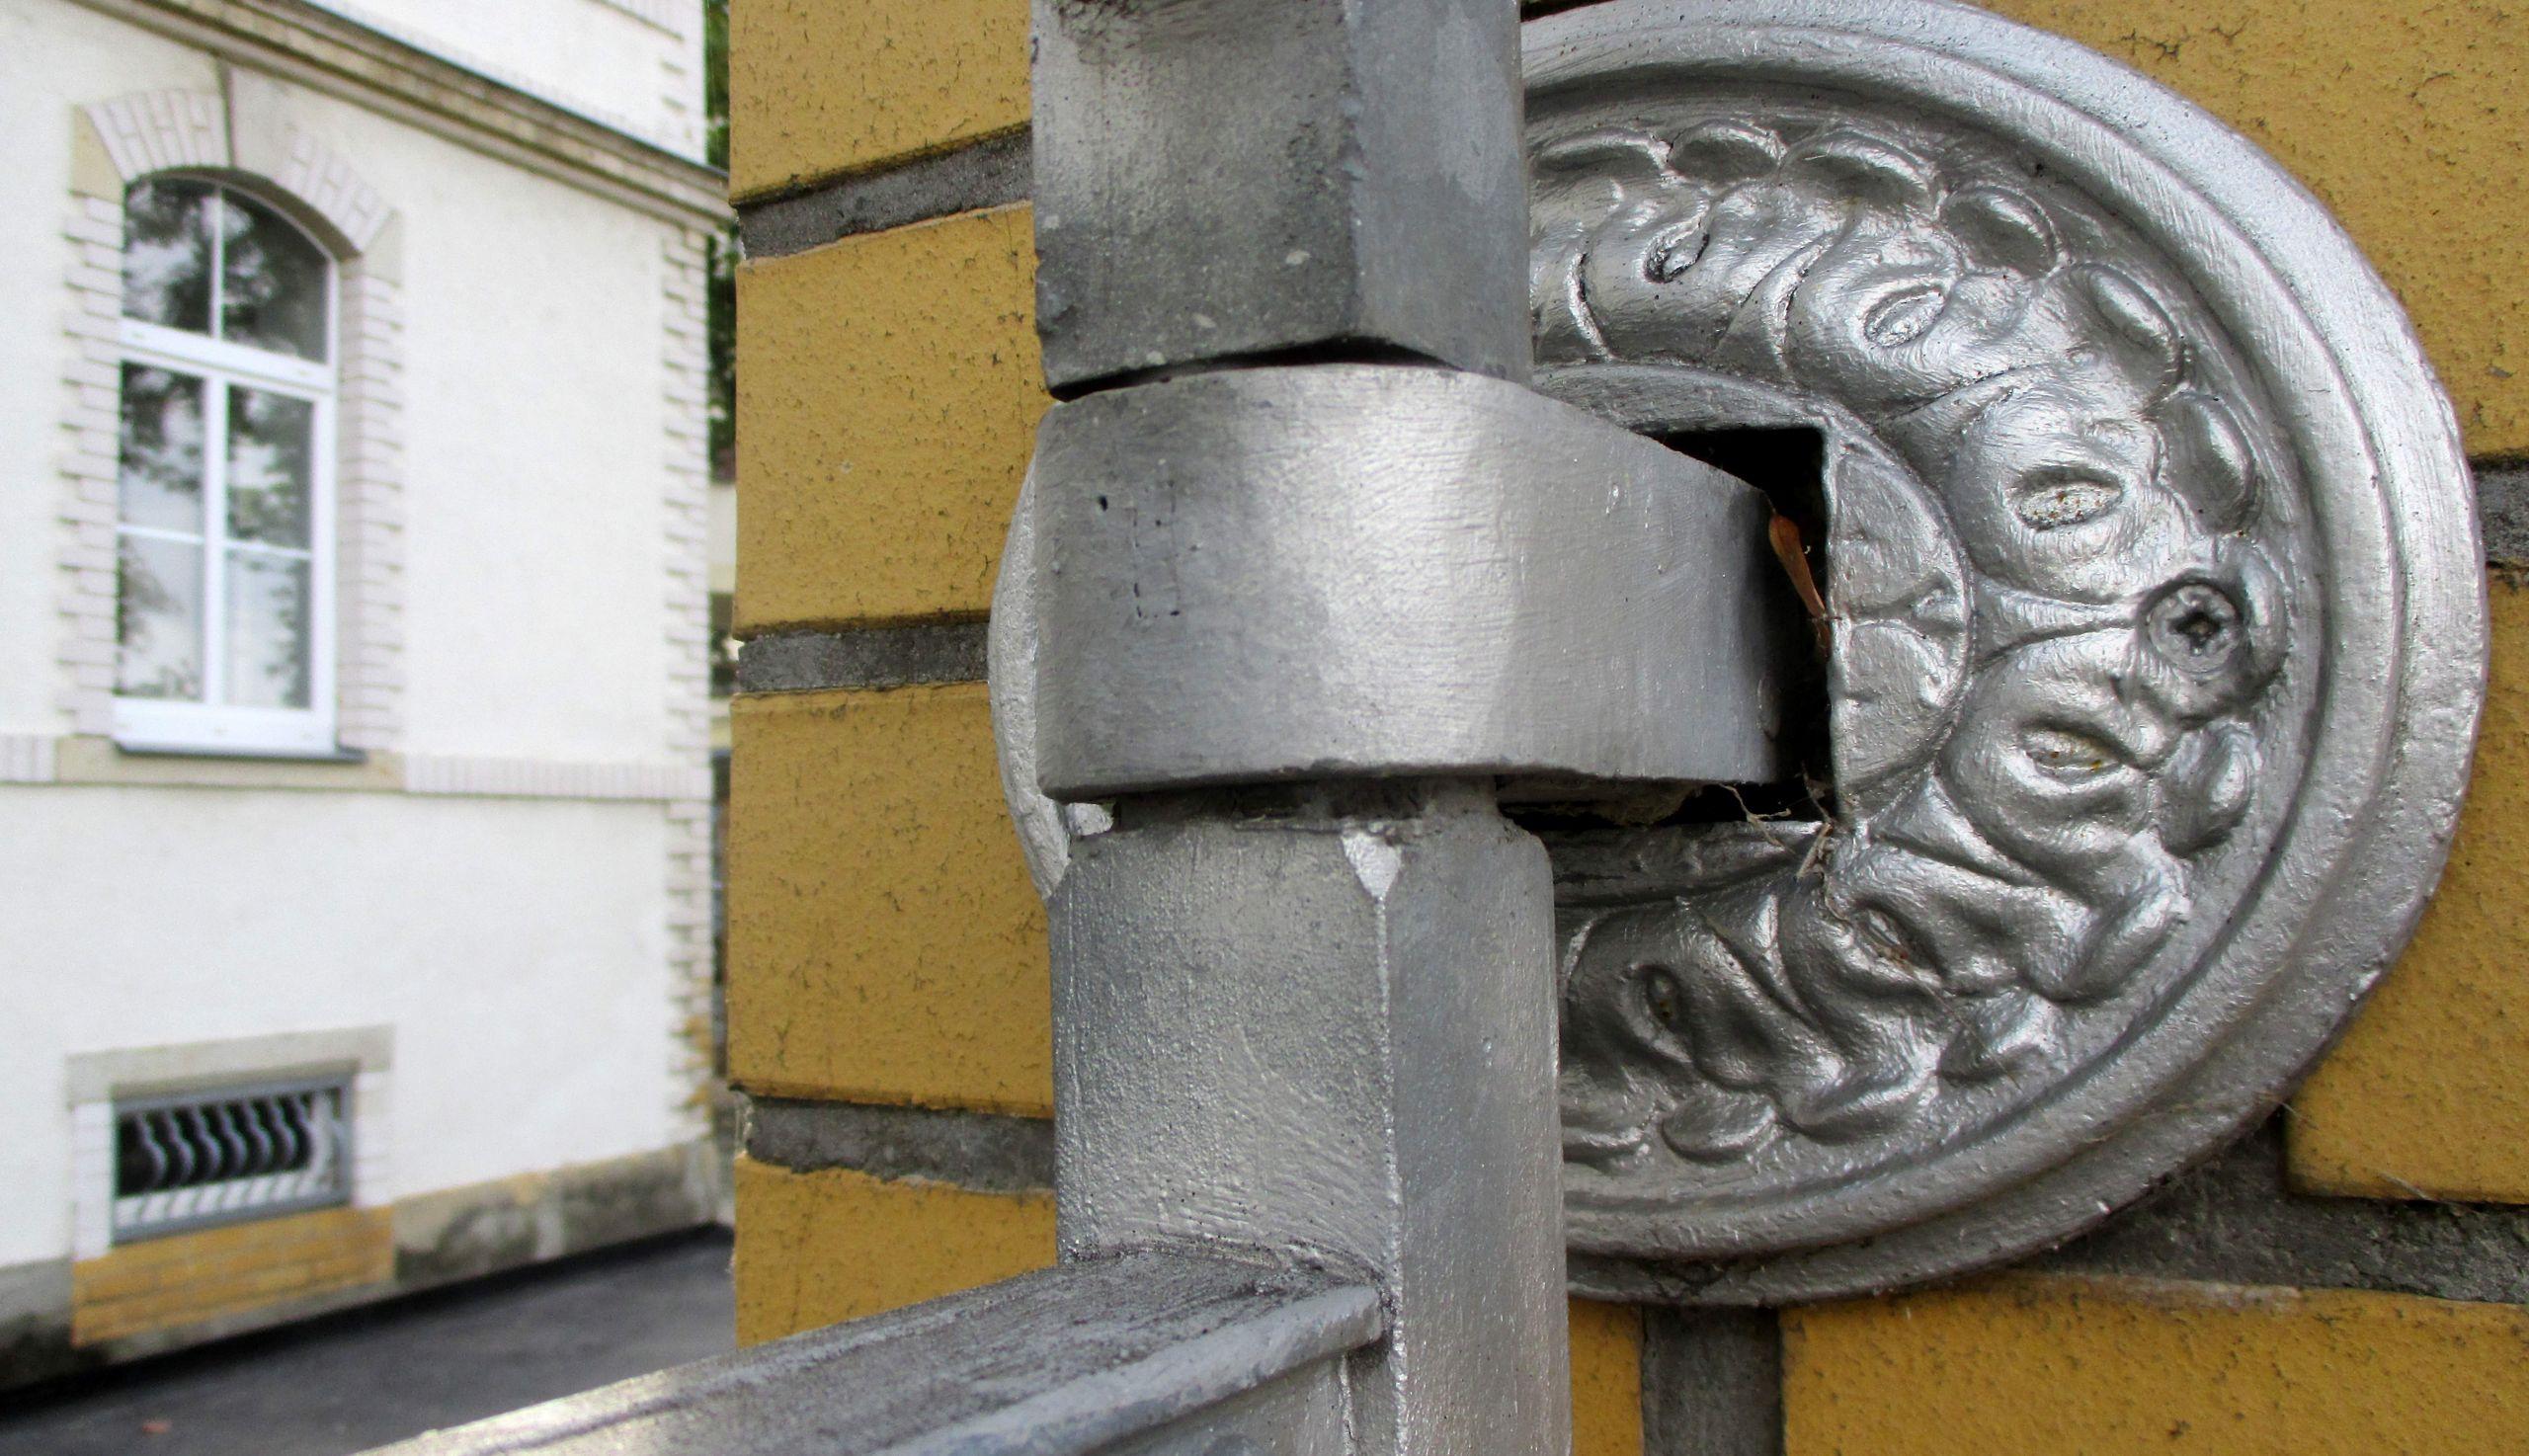 Zigarettenfabrik f6 Dresden Striesen Jugendstil Zaunbefestigung Bild 001